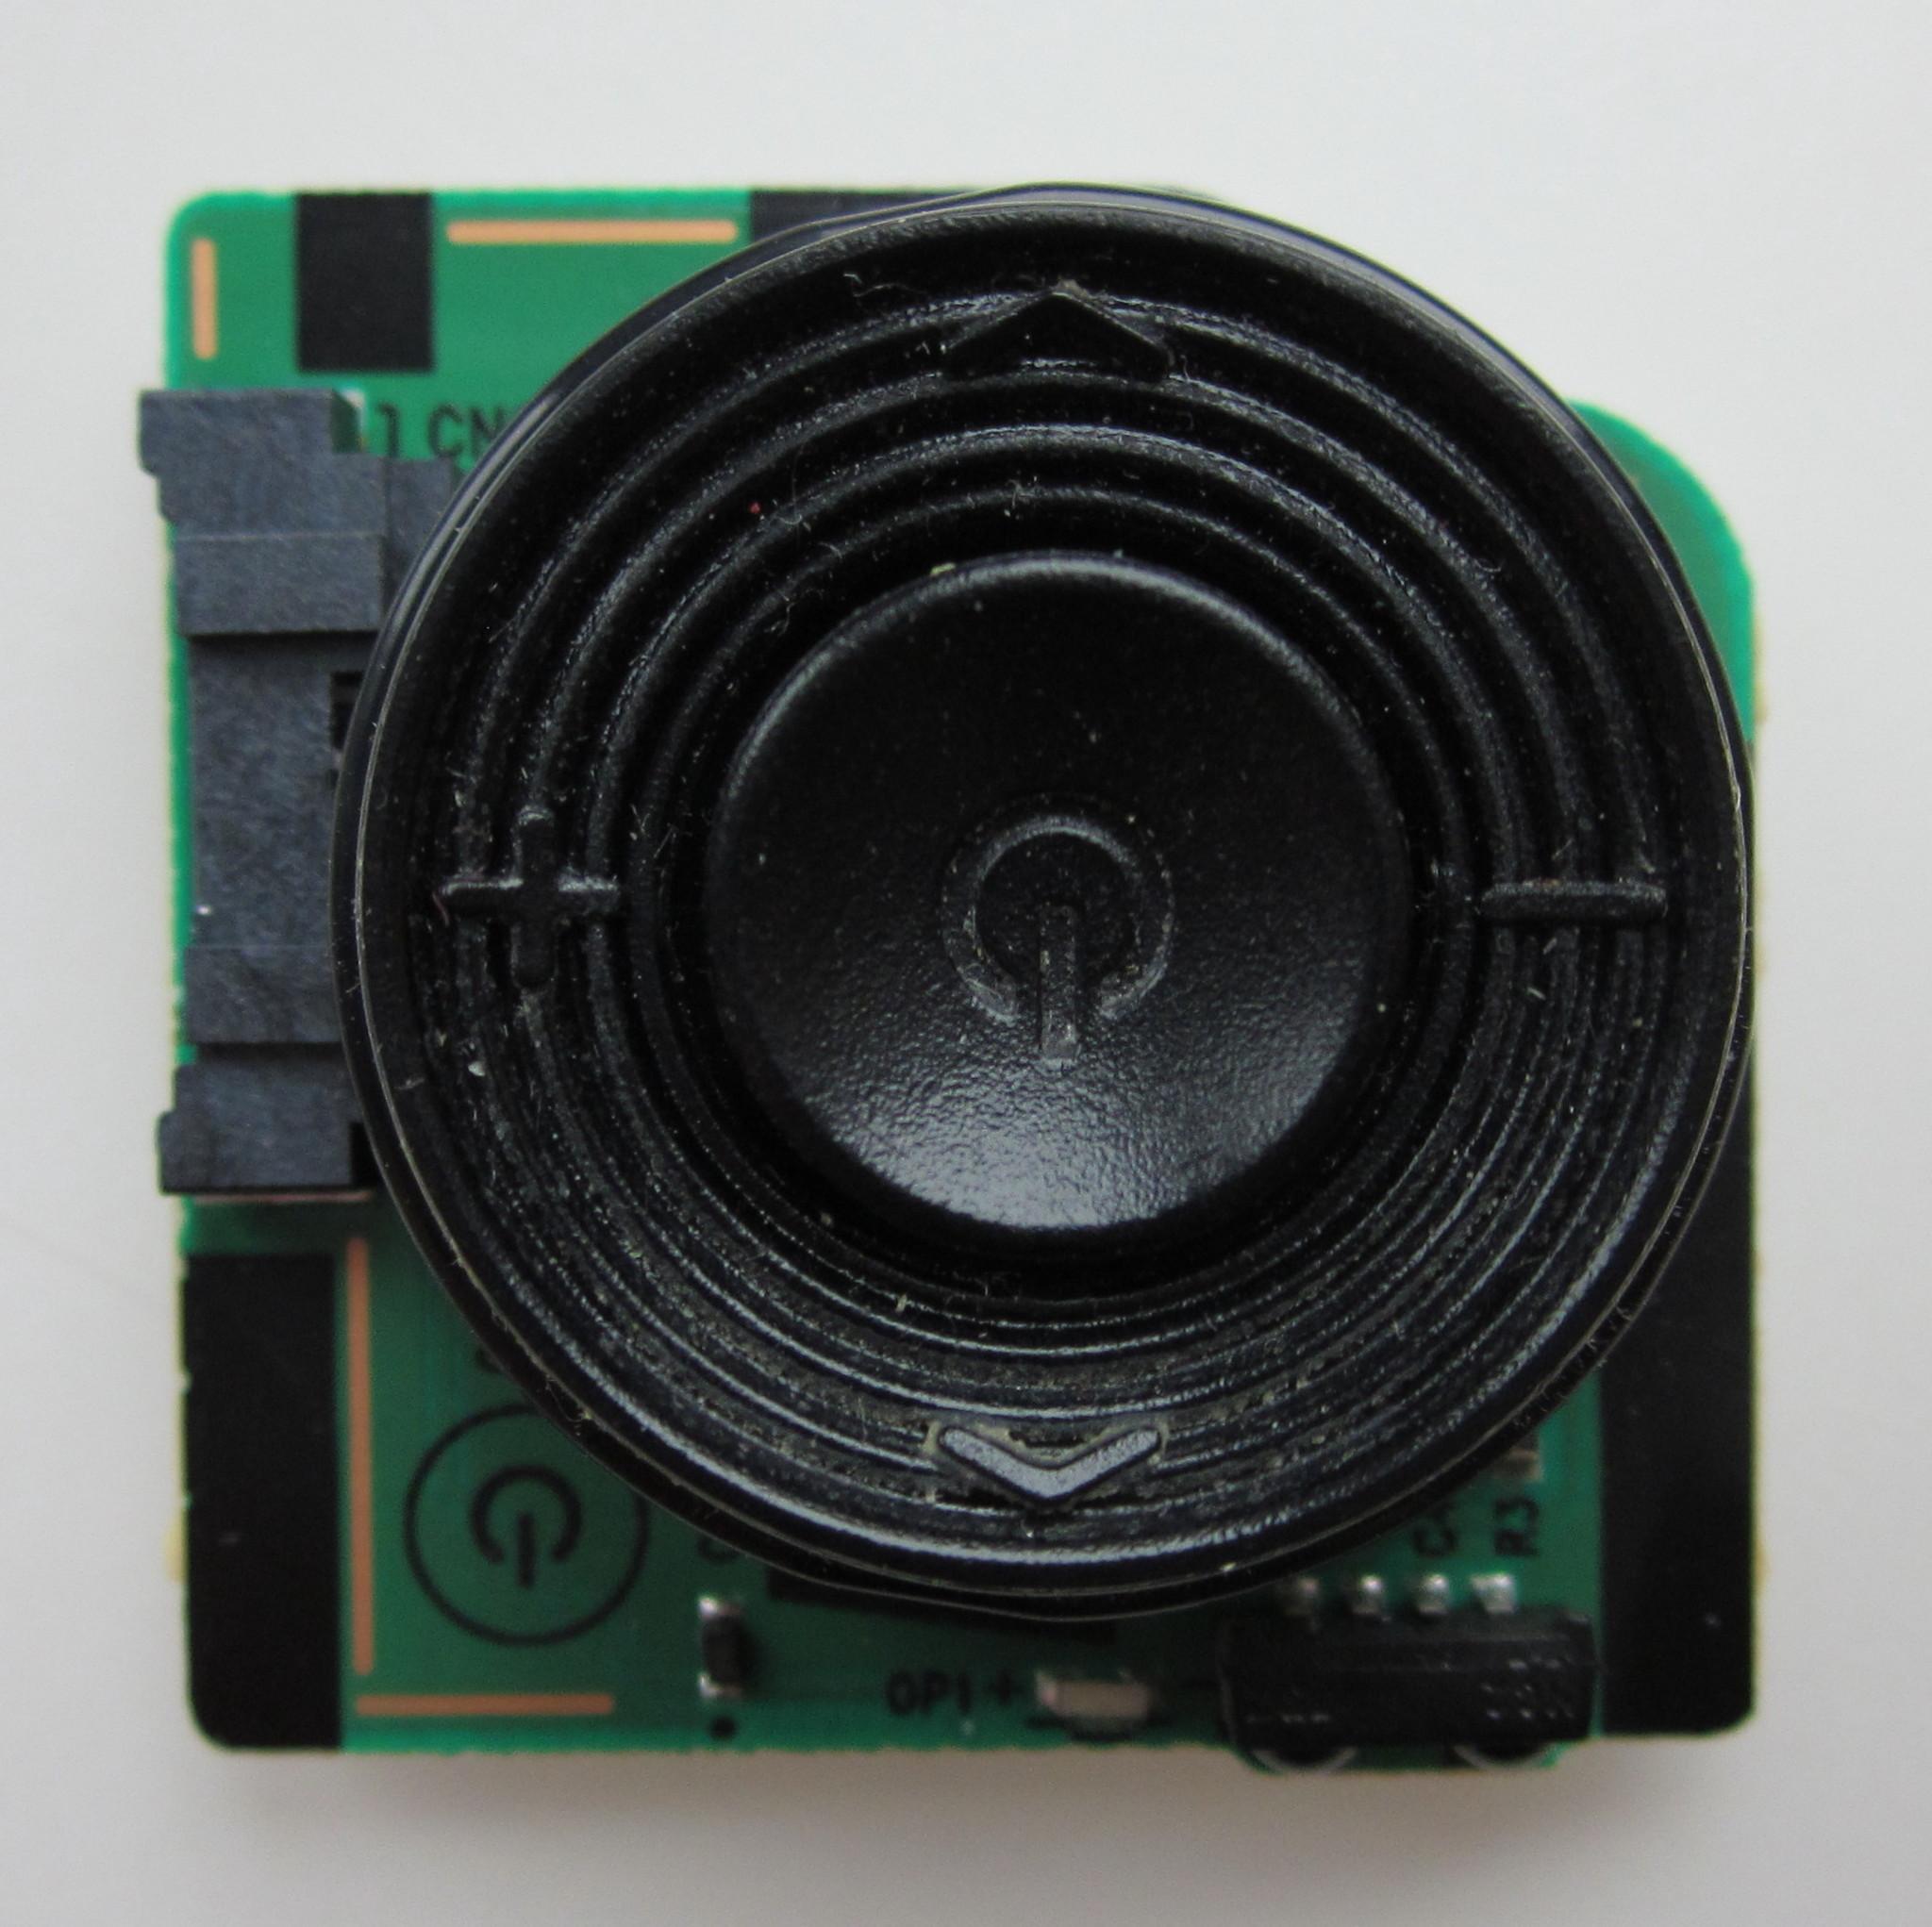 BN41-01828A